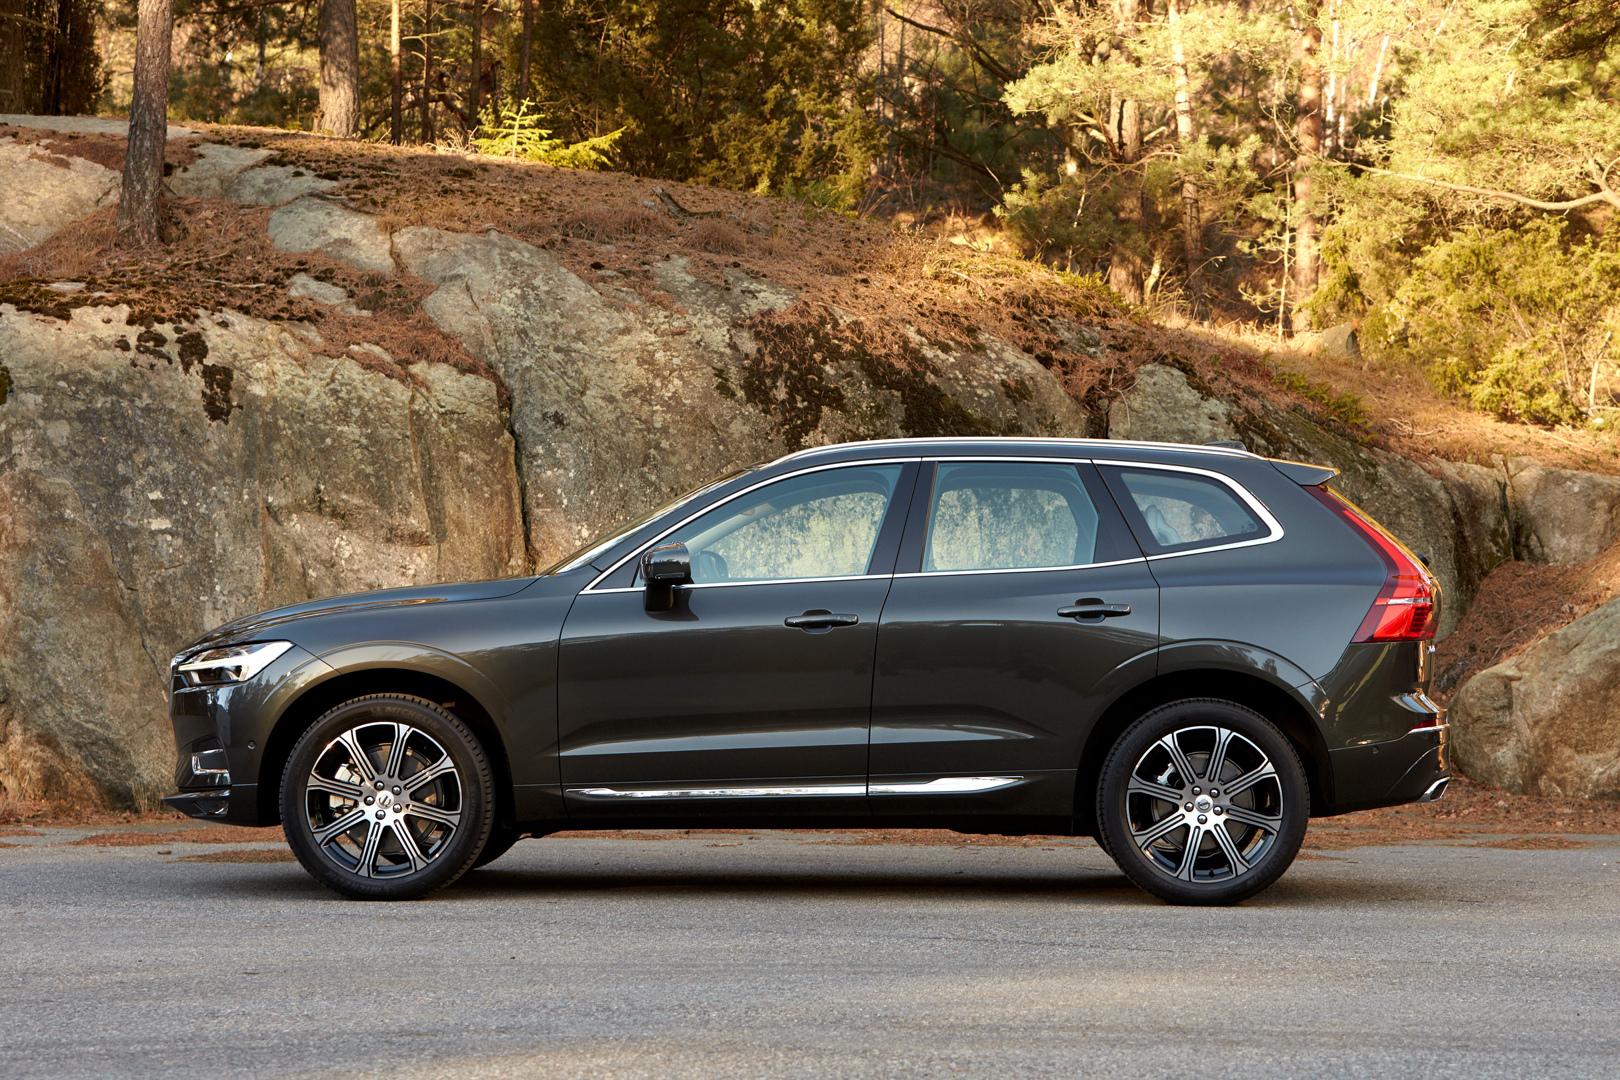 205019_The_new_Volvo_XC60